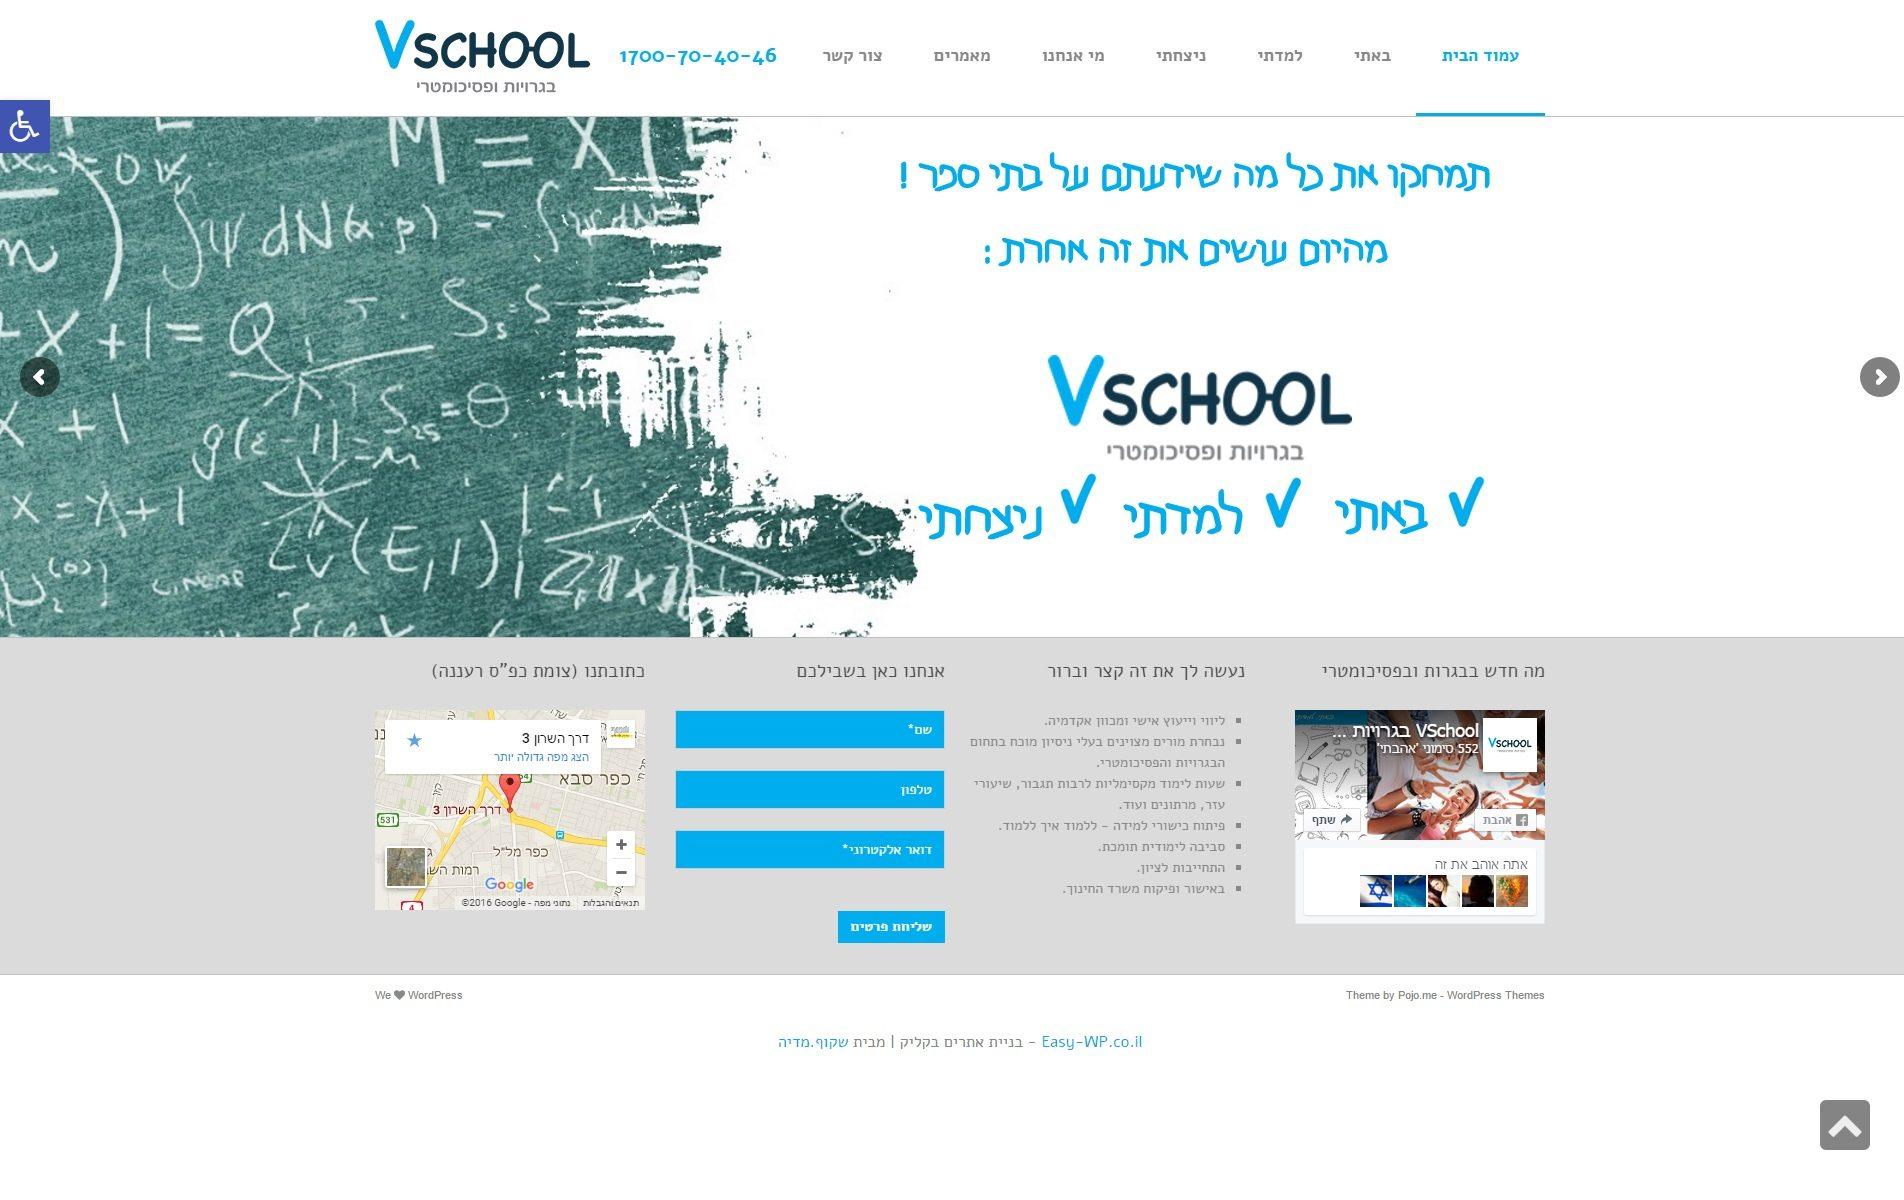 אתר VSCHOOL